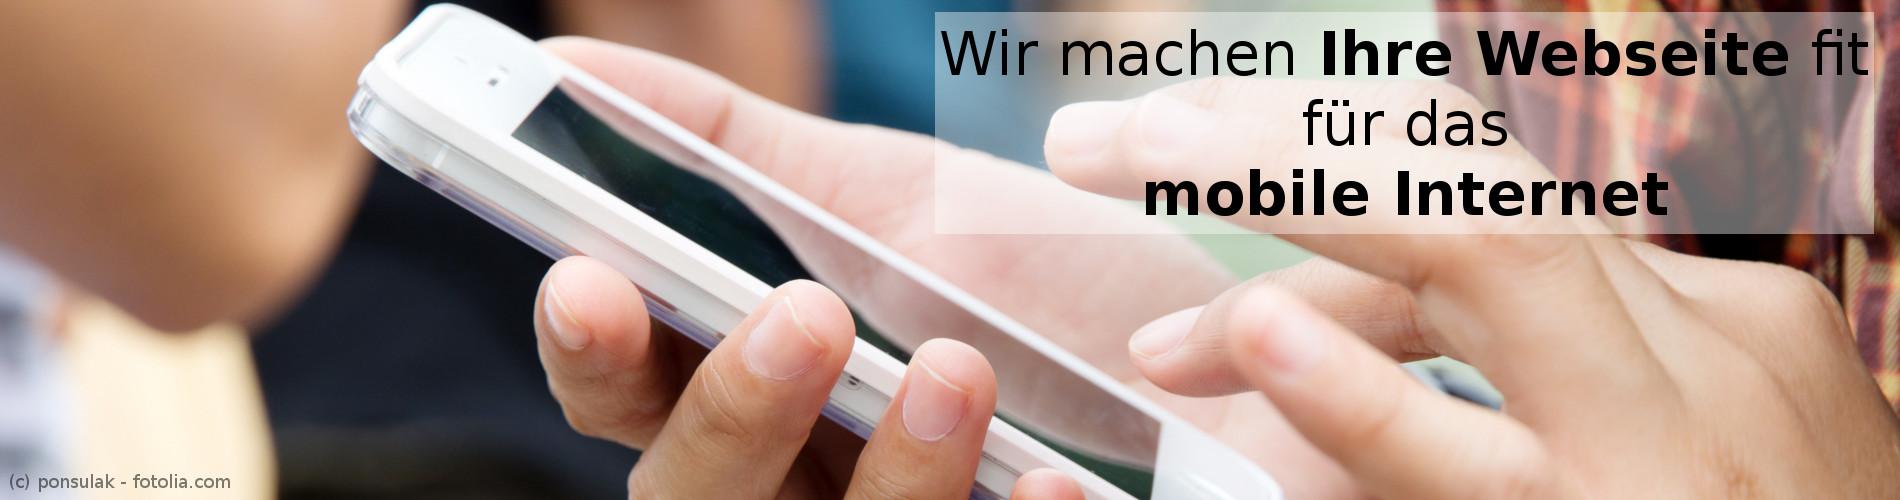 Willkommen bei ahomedia.de